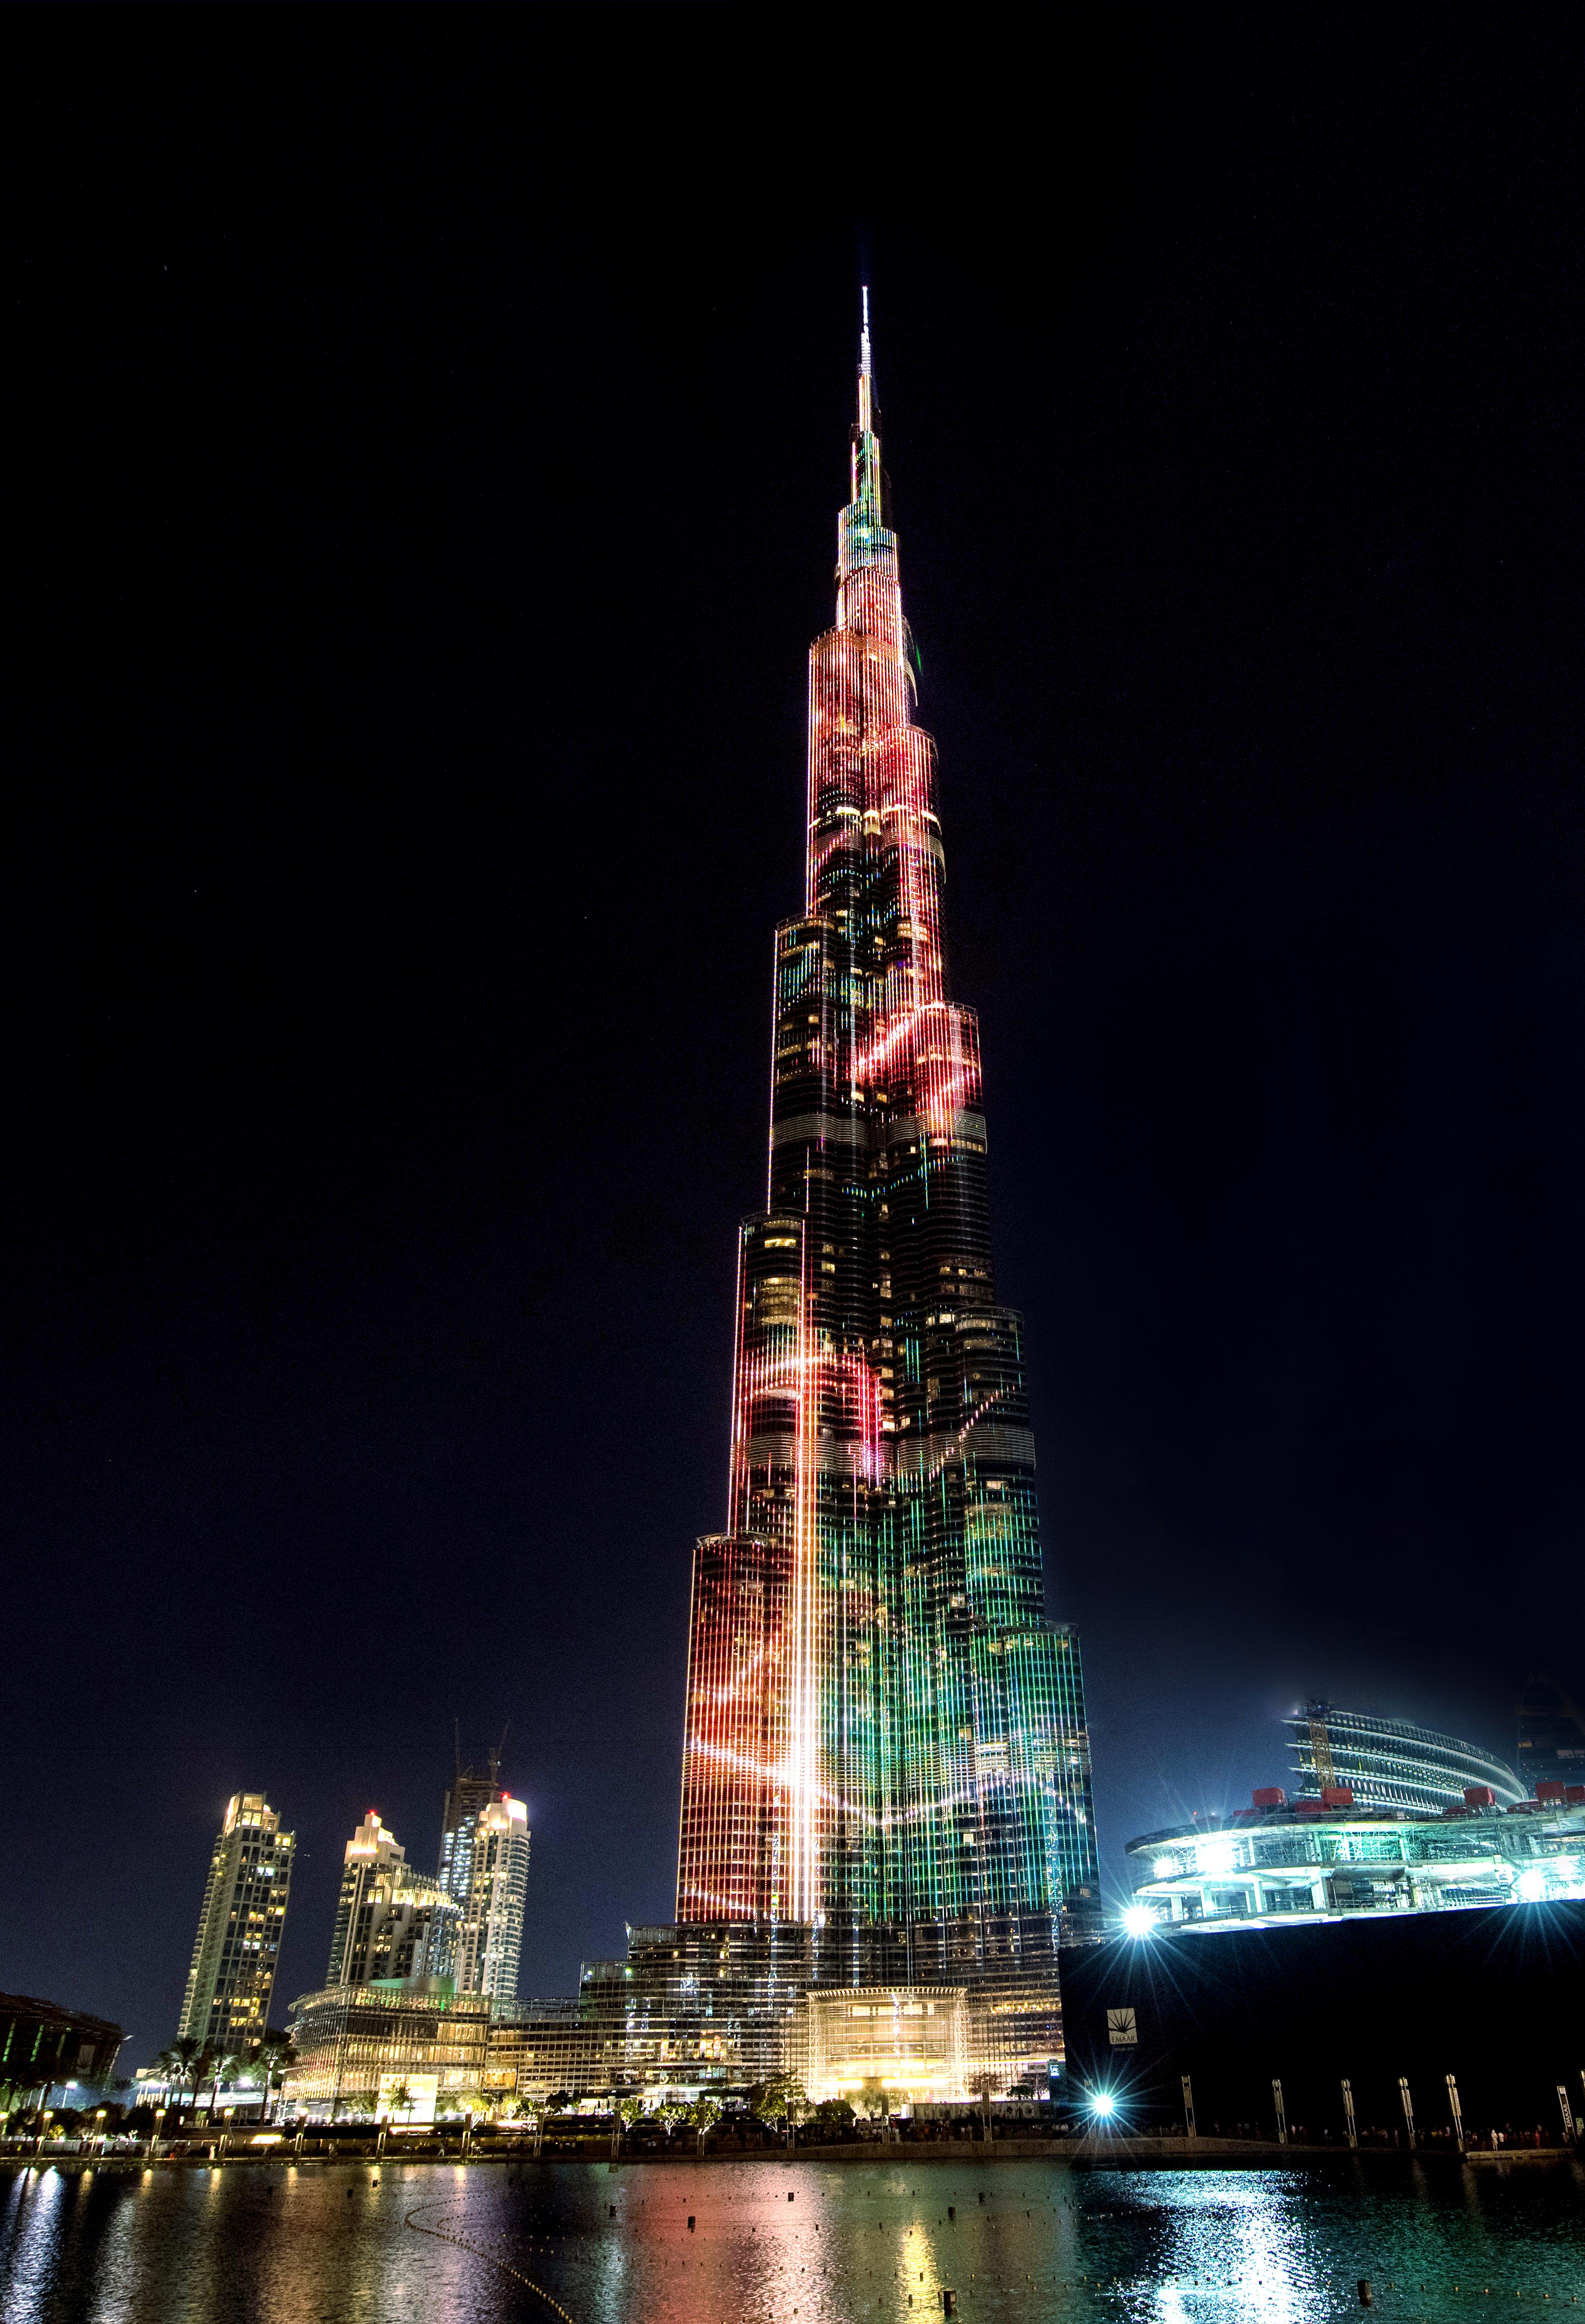 Free photo: Burj Khalifa - Tower, UAE, Dubai - Free Download